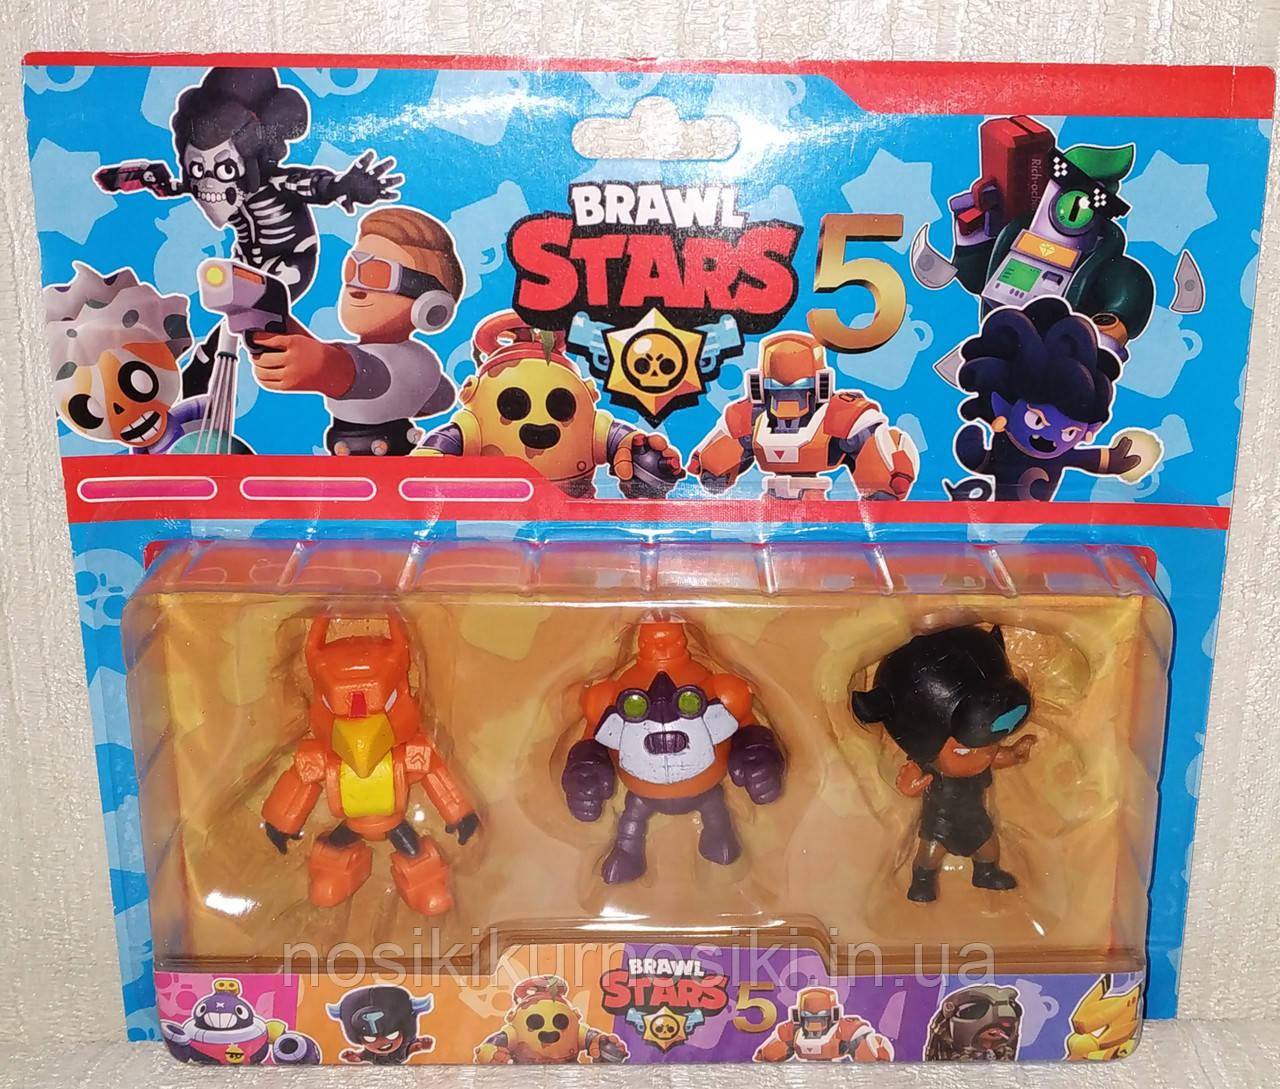 Набор фигурок Бравл Старс (3 шт) герои Brawl Stars, набор 6